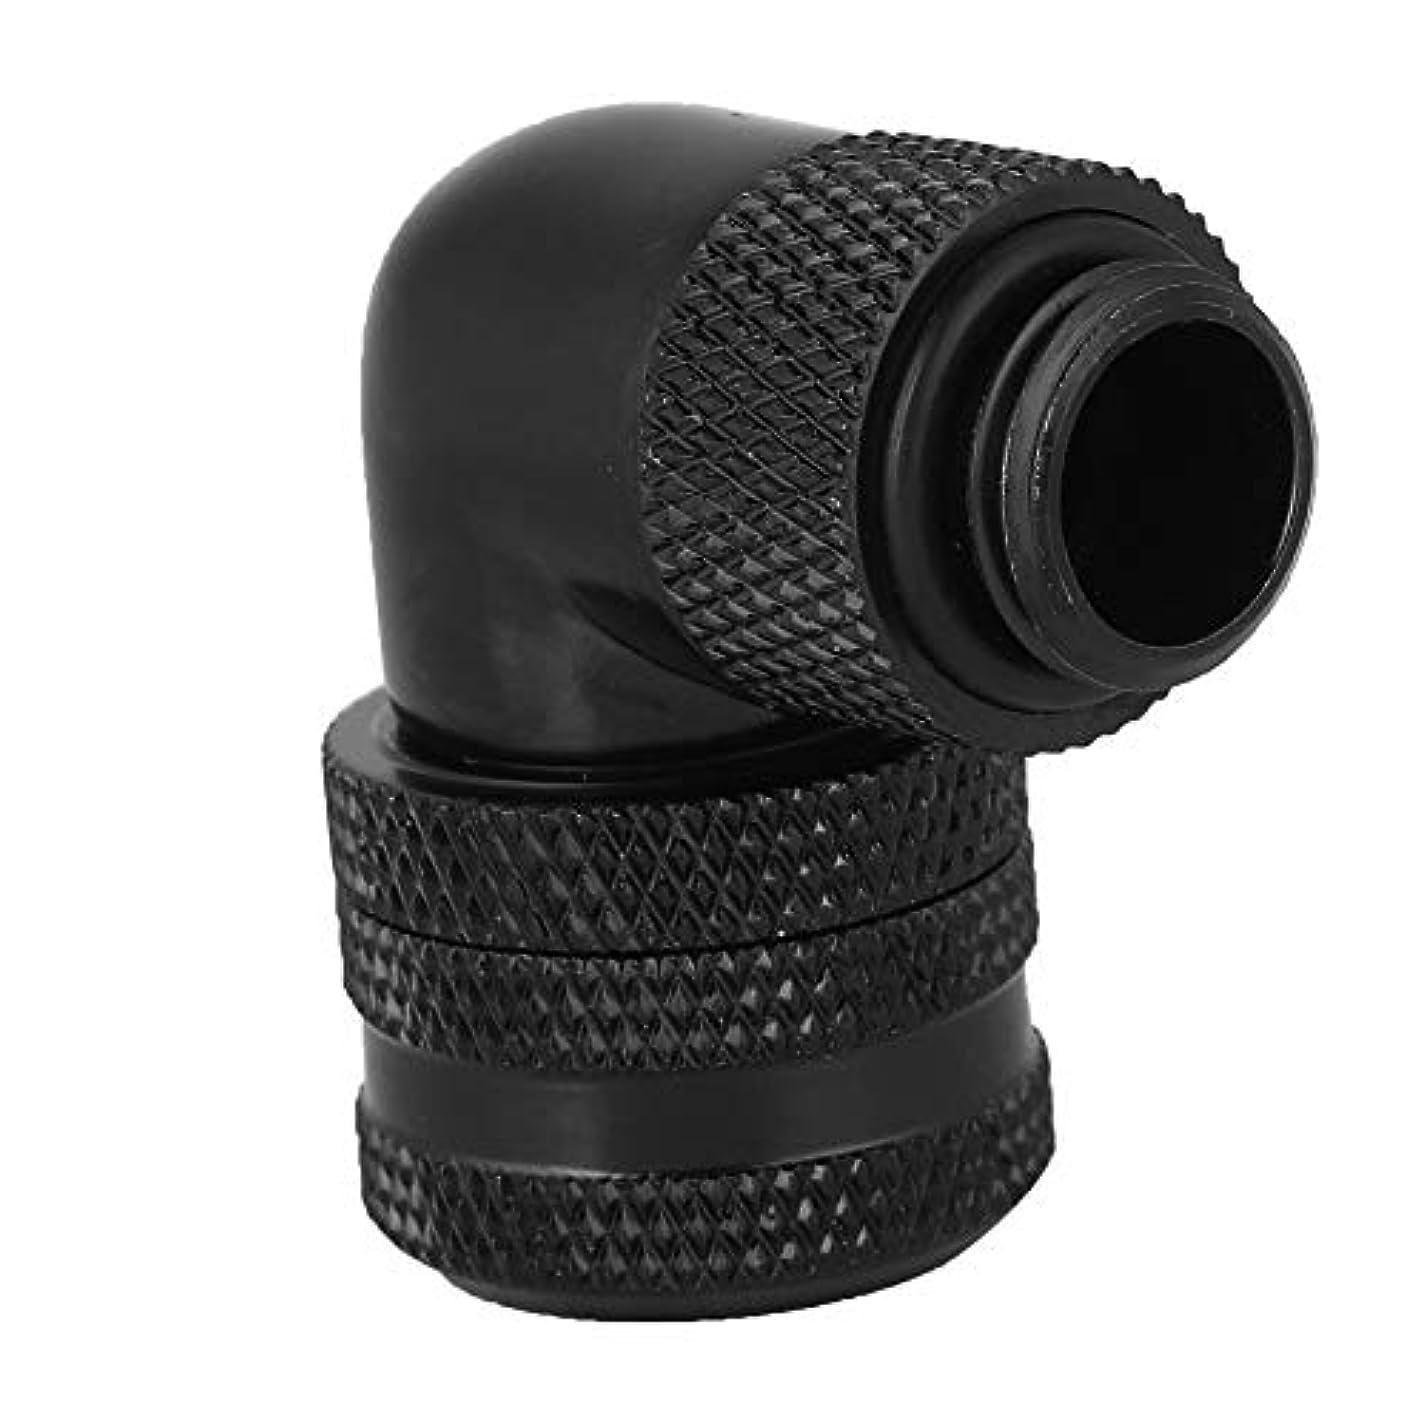 人差し指作り上げるマラソンfosa銅ニッケルメッキ耐久性のあるG1 / 4 2 'スレッド高品質水冷フィッティング標準10x14 PETGアクリルハードチューブ用90°回転エルボコネクタ(ブラック)